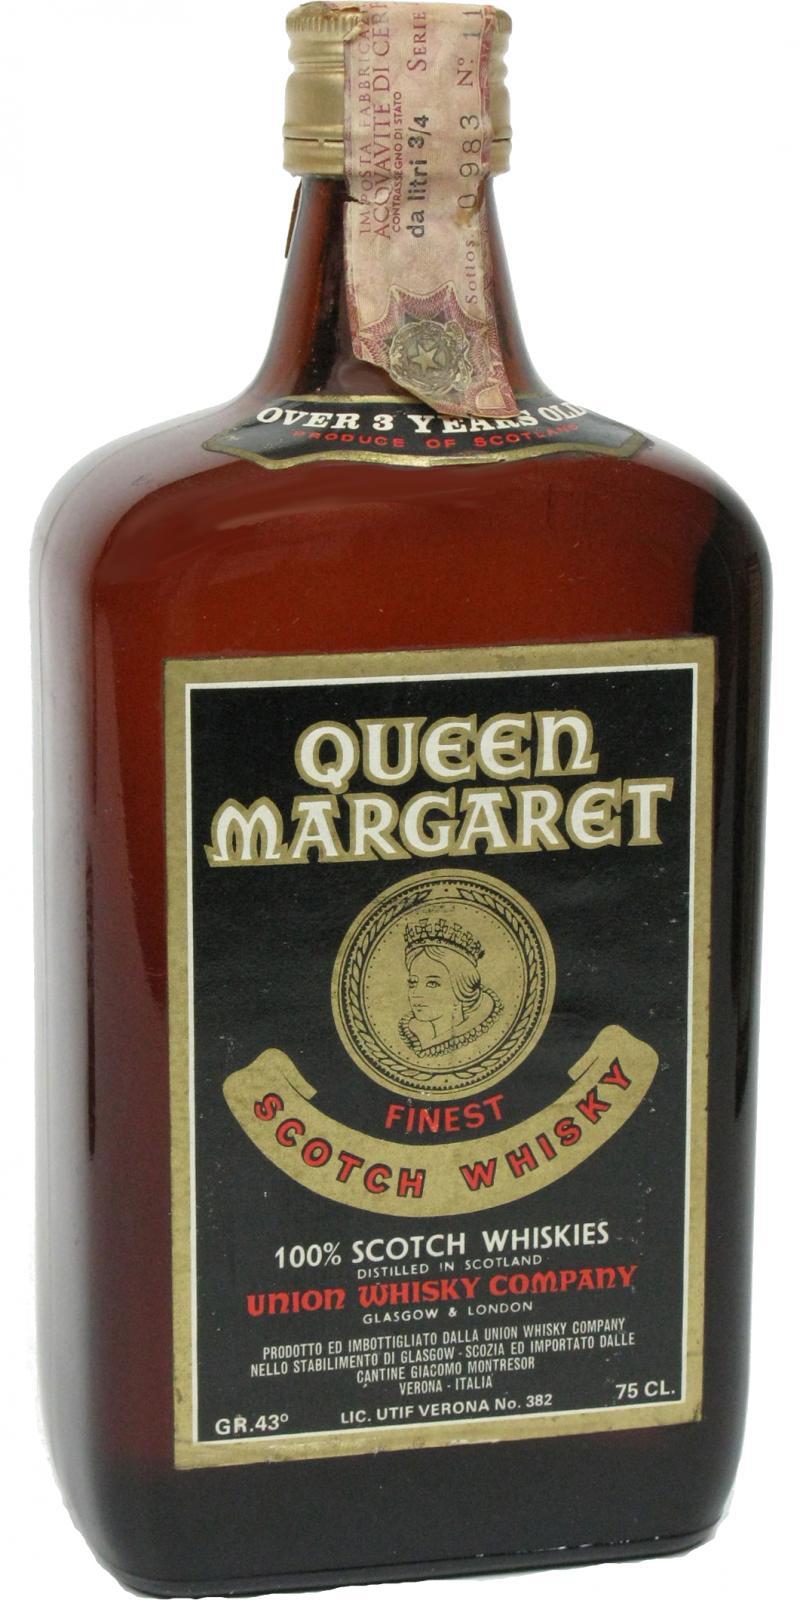 Queen Margaret 03-year-old